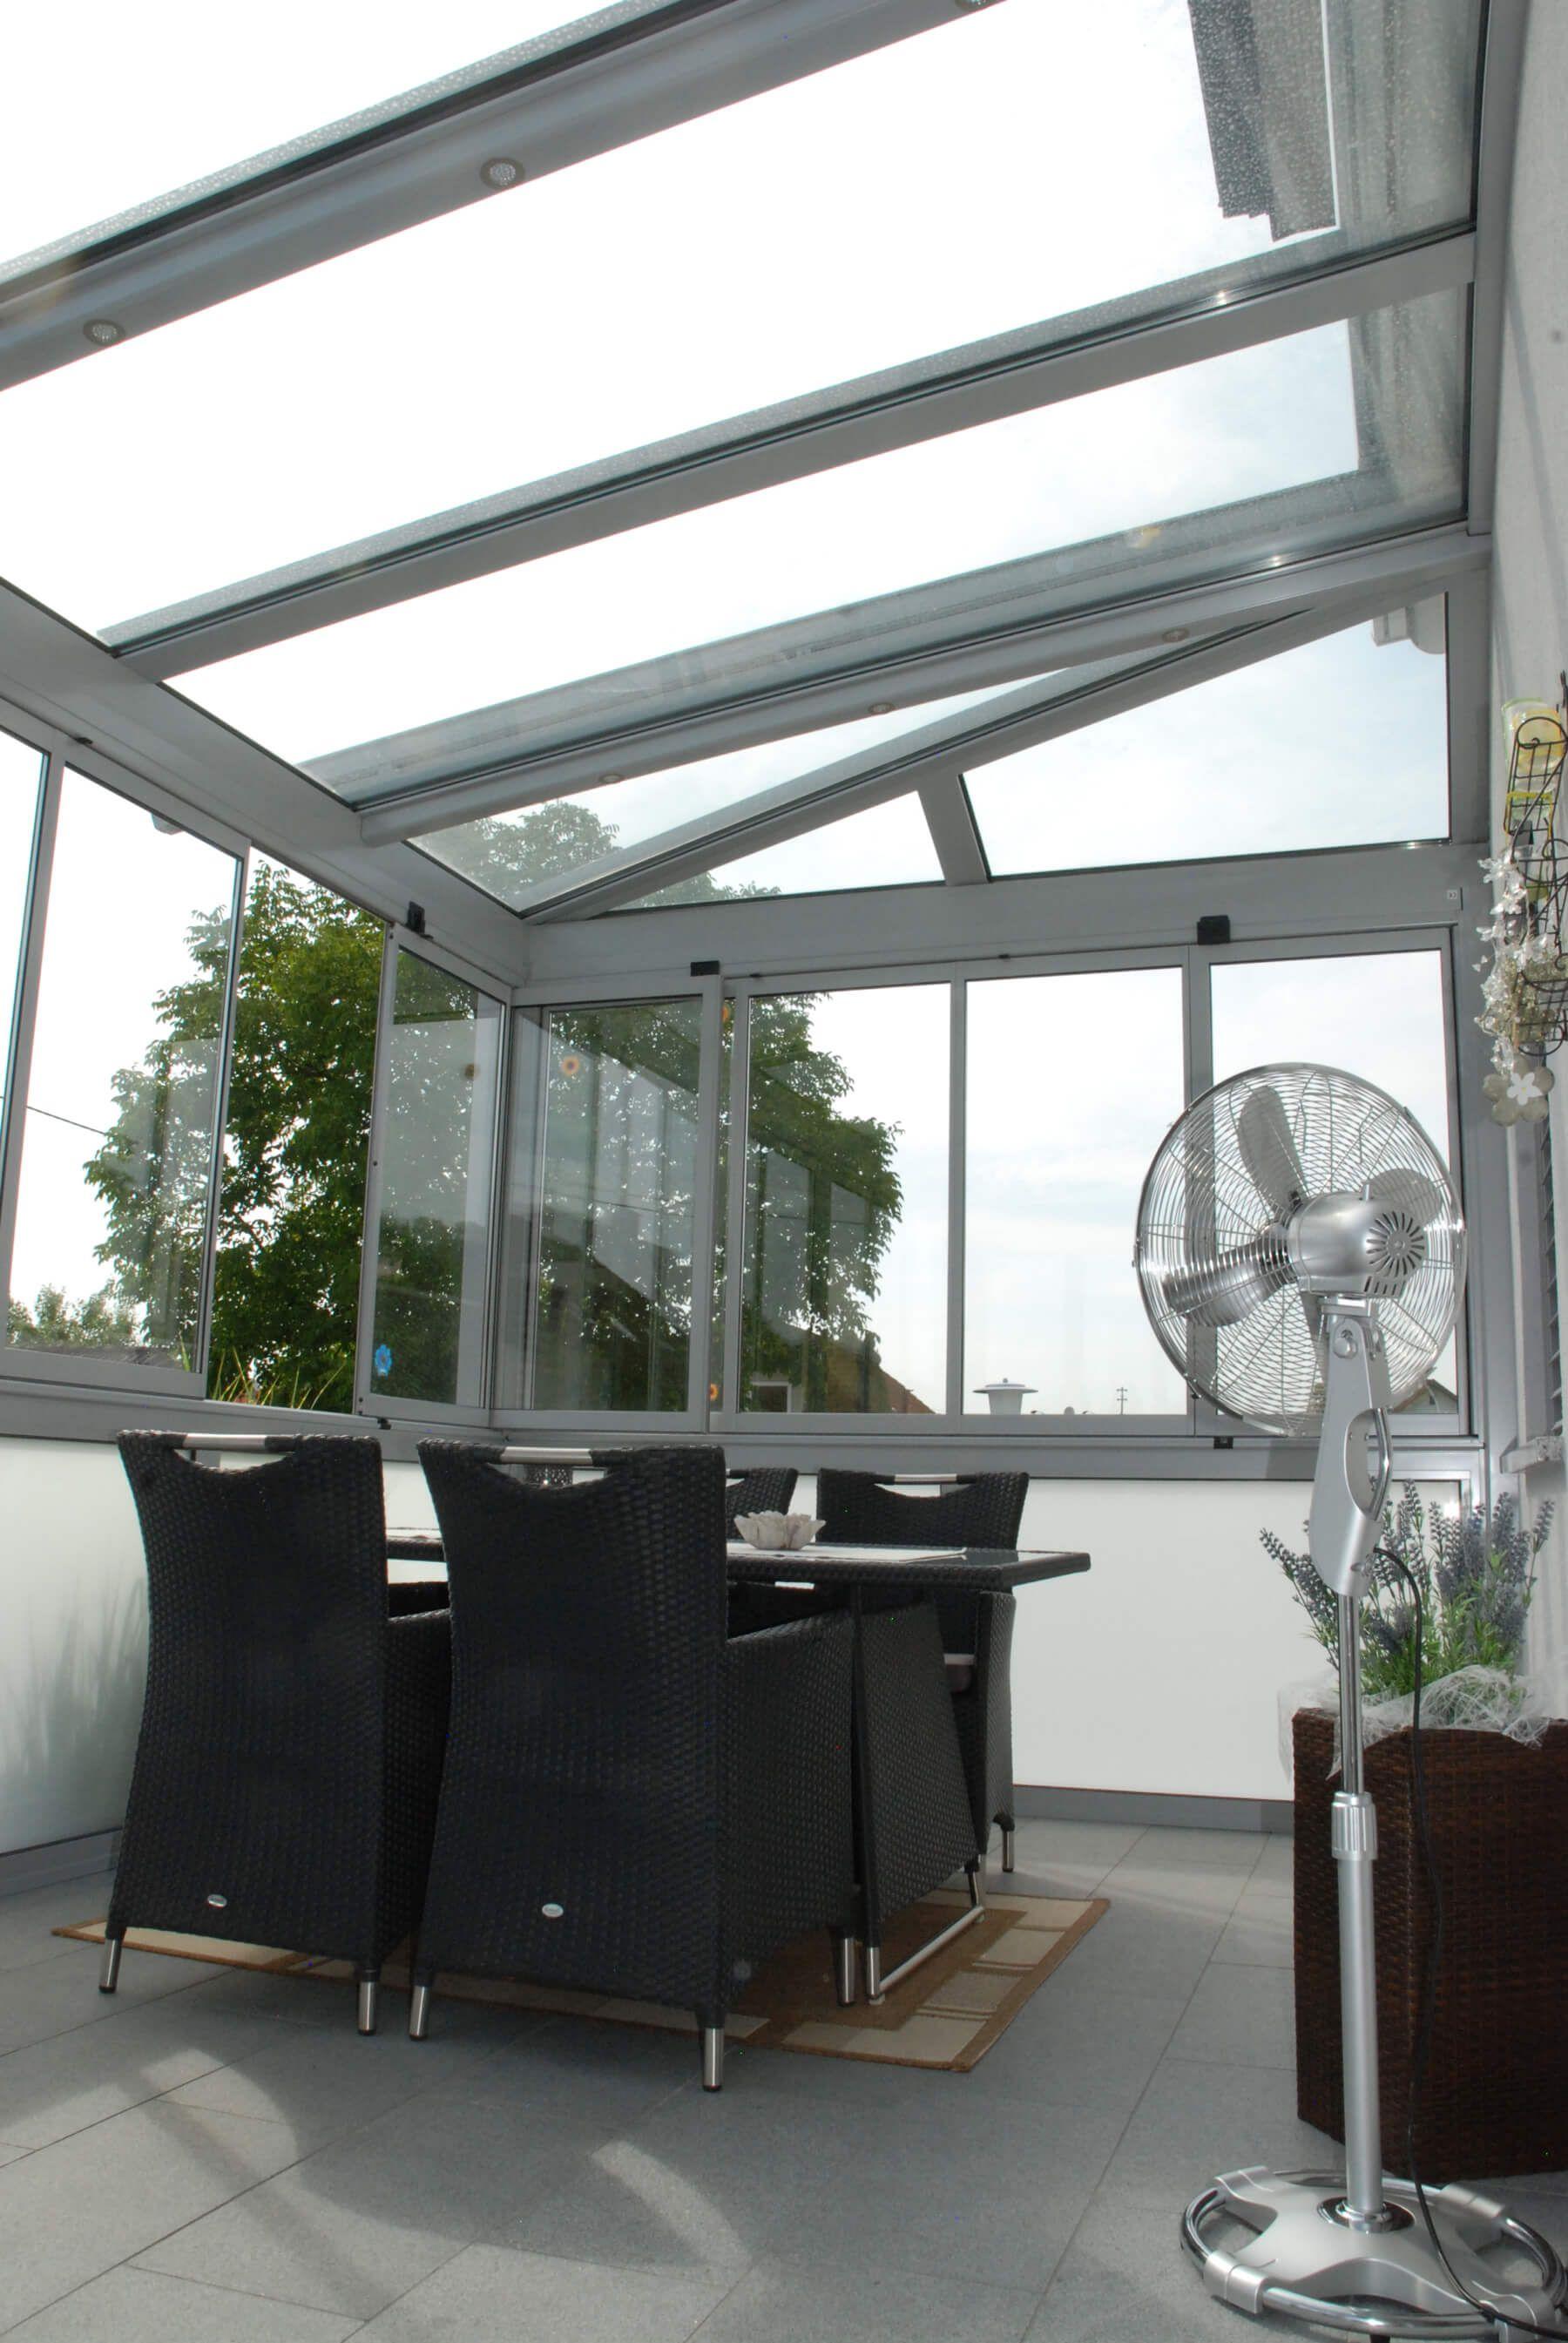 Ungewöhnlich Pflanzen Wintergarten Design Ideen Fotos - Die ...